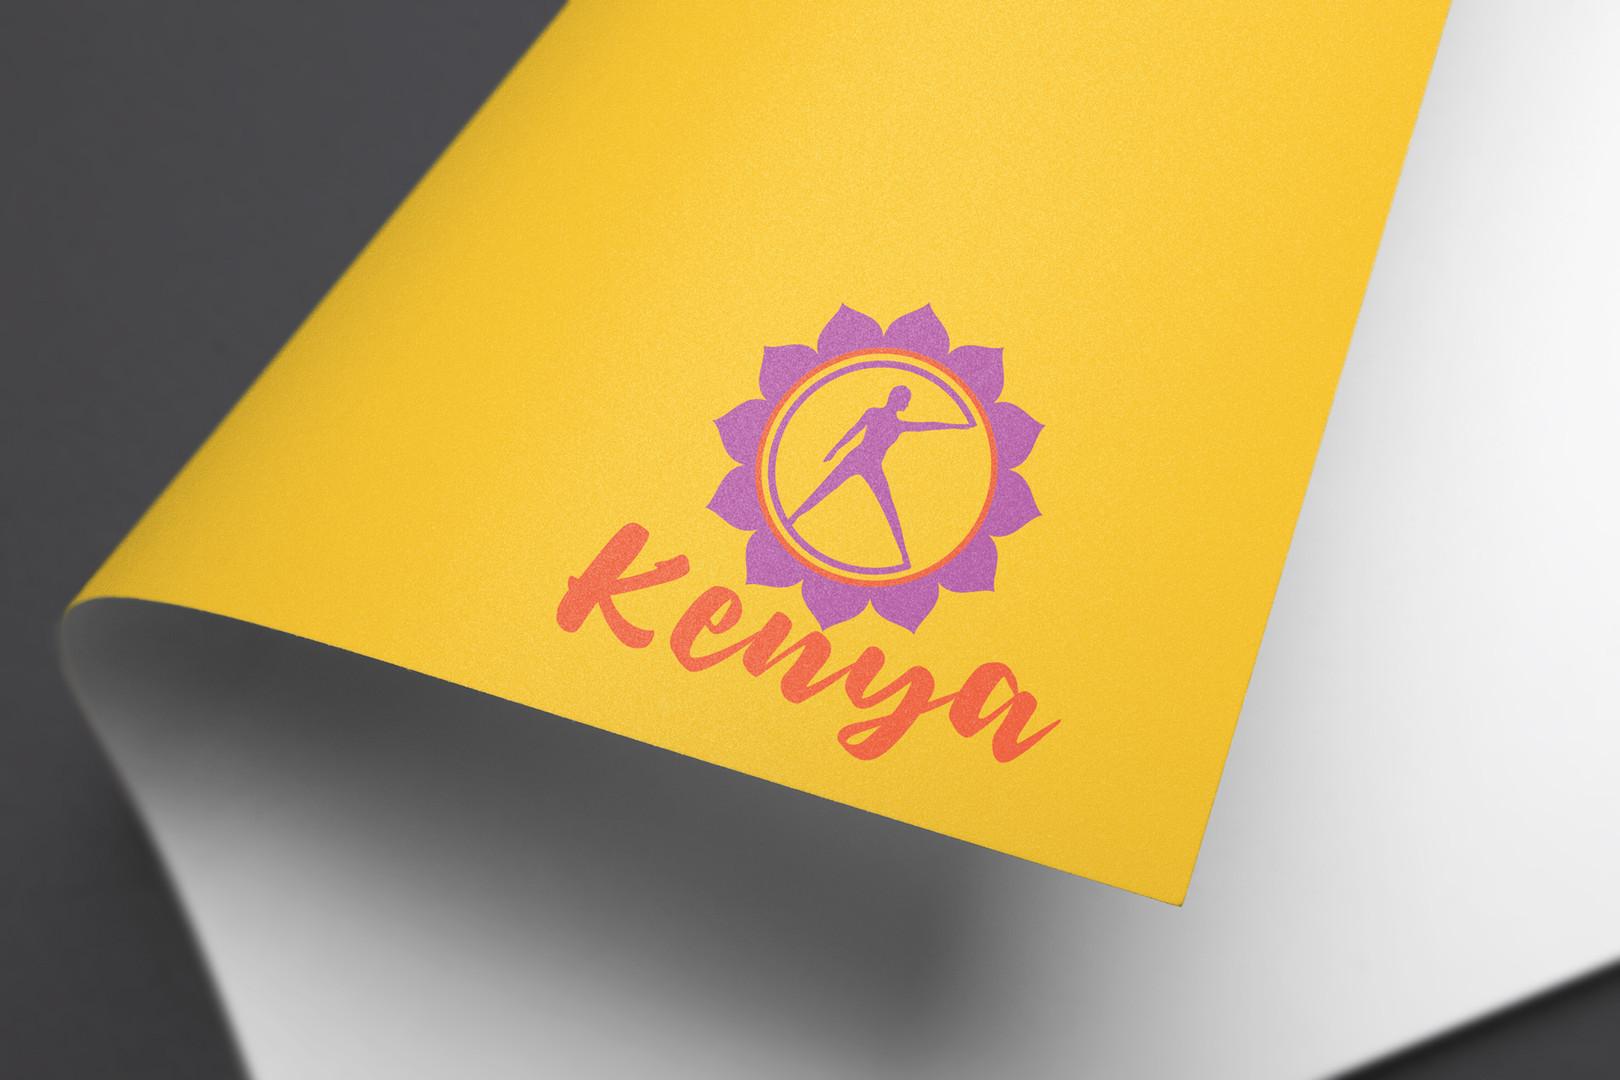 KENYAMOKE.jpg